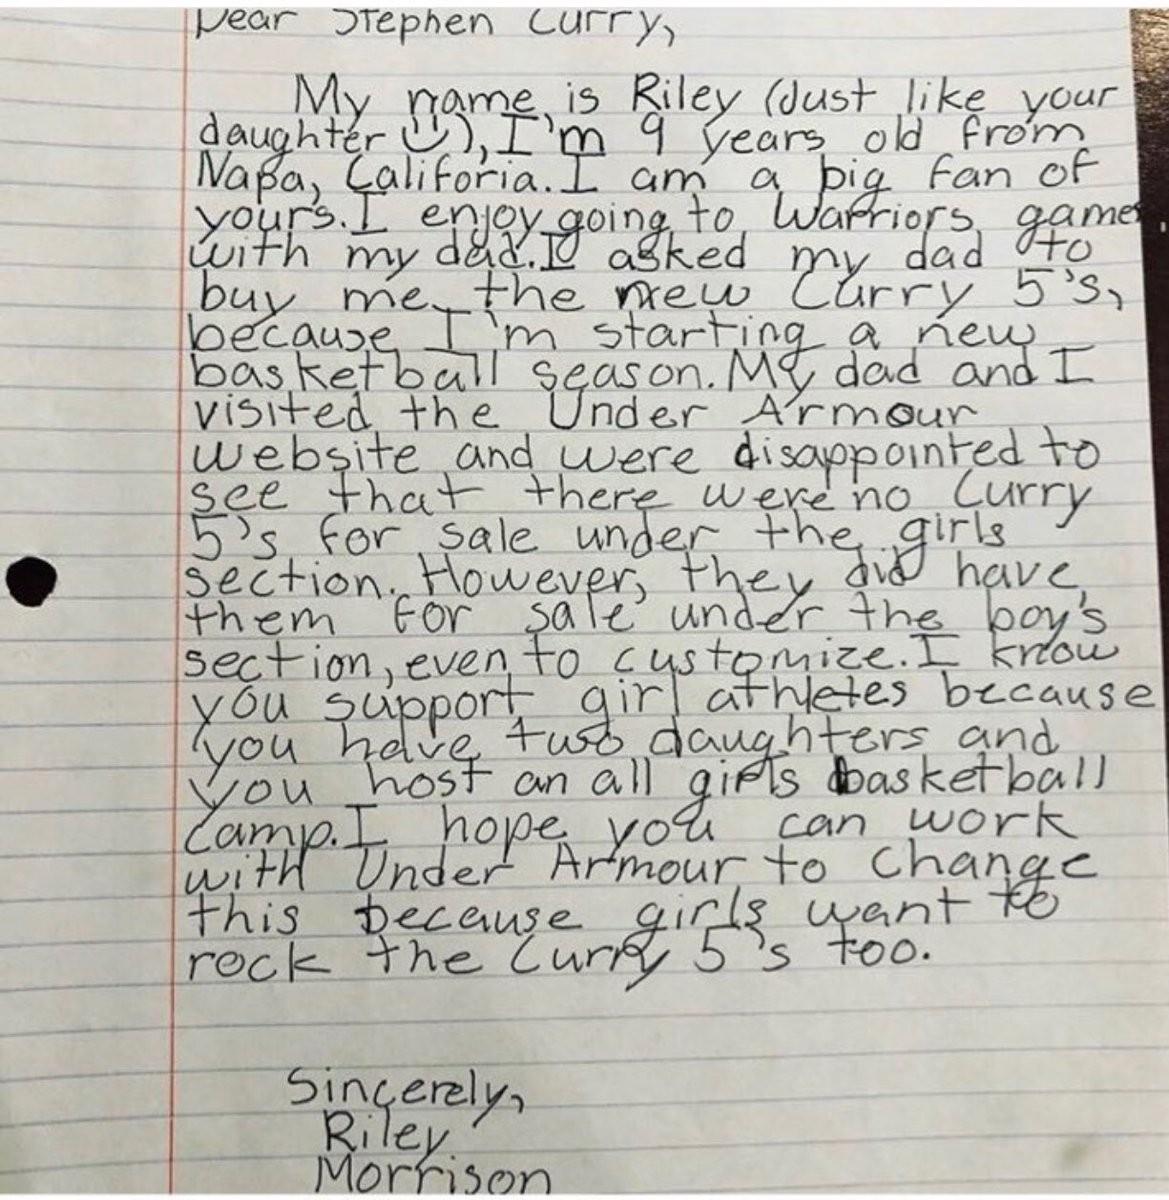 Versão original da carte escrita por Riley (Foto: Reprodução Instagram)